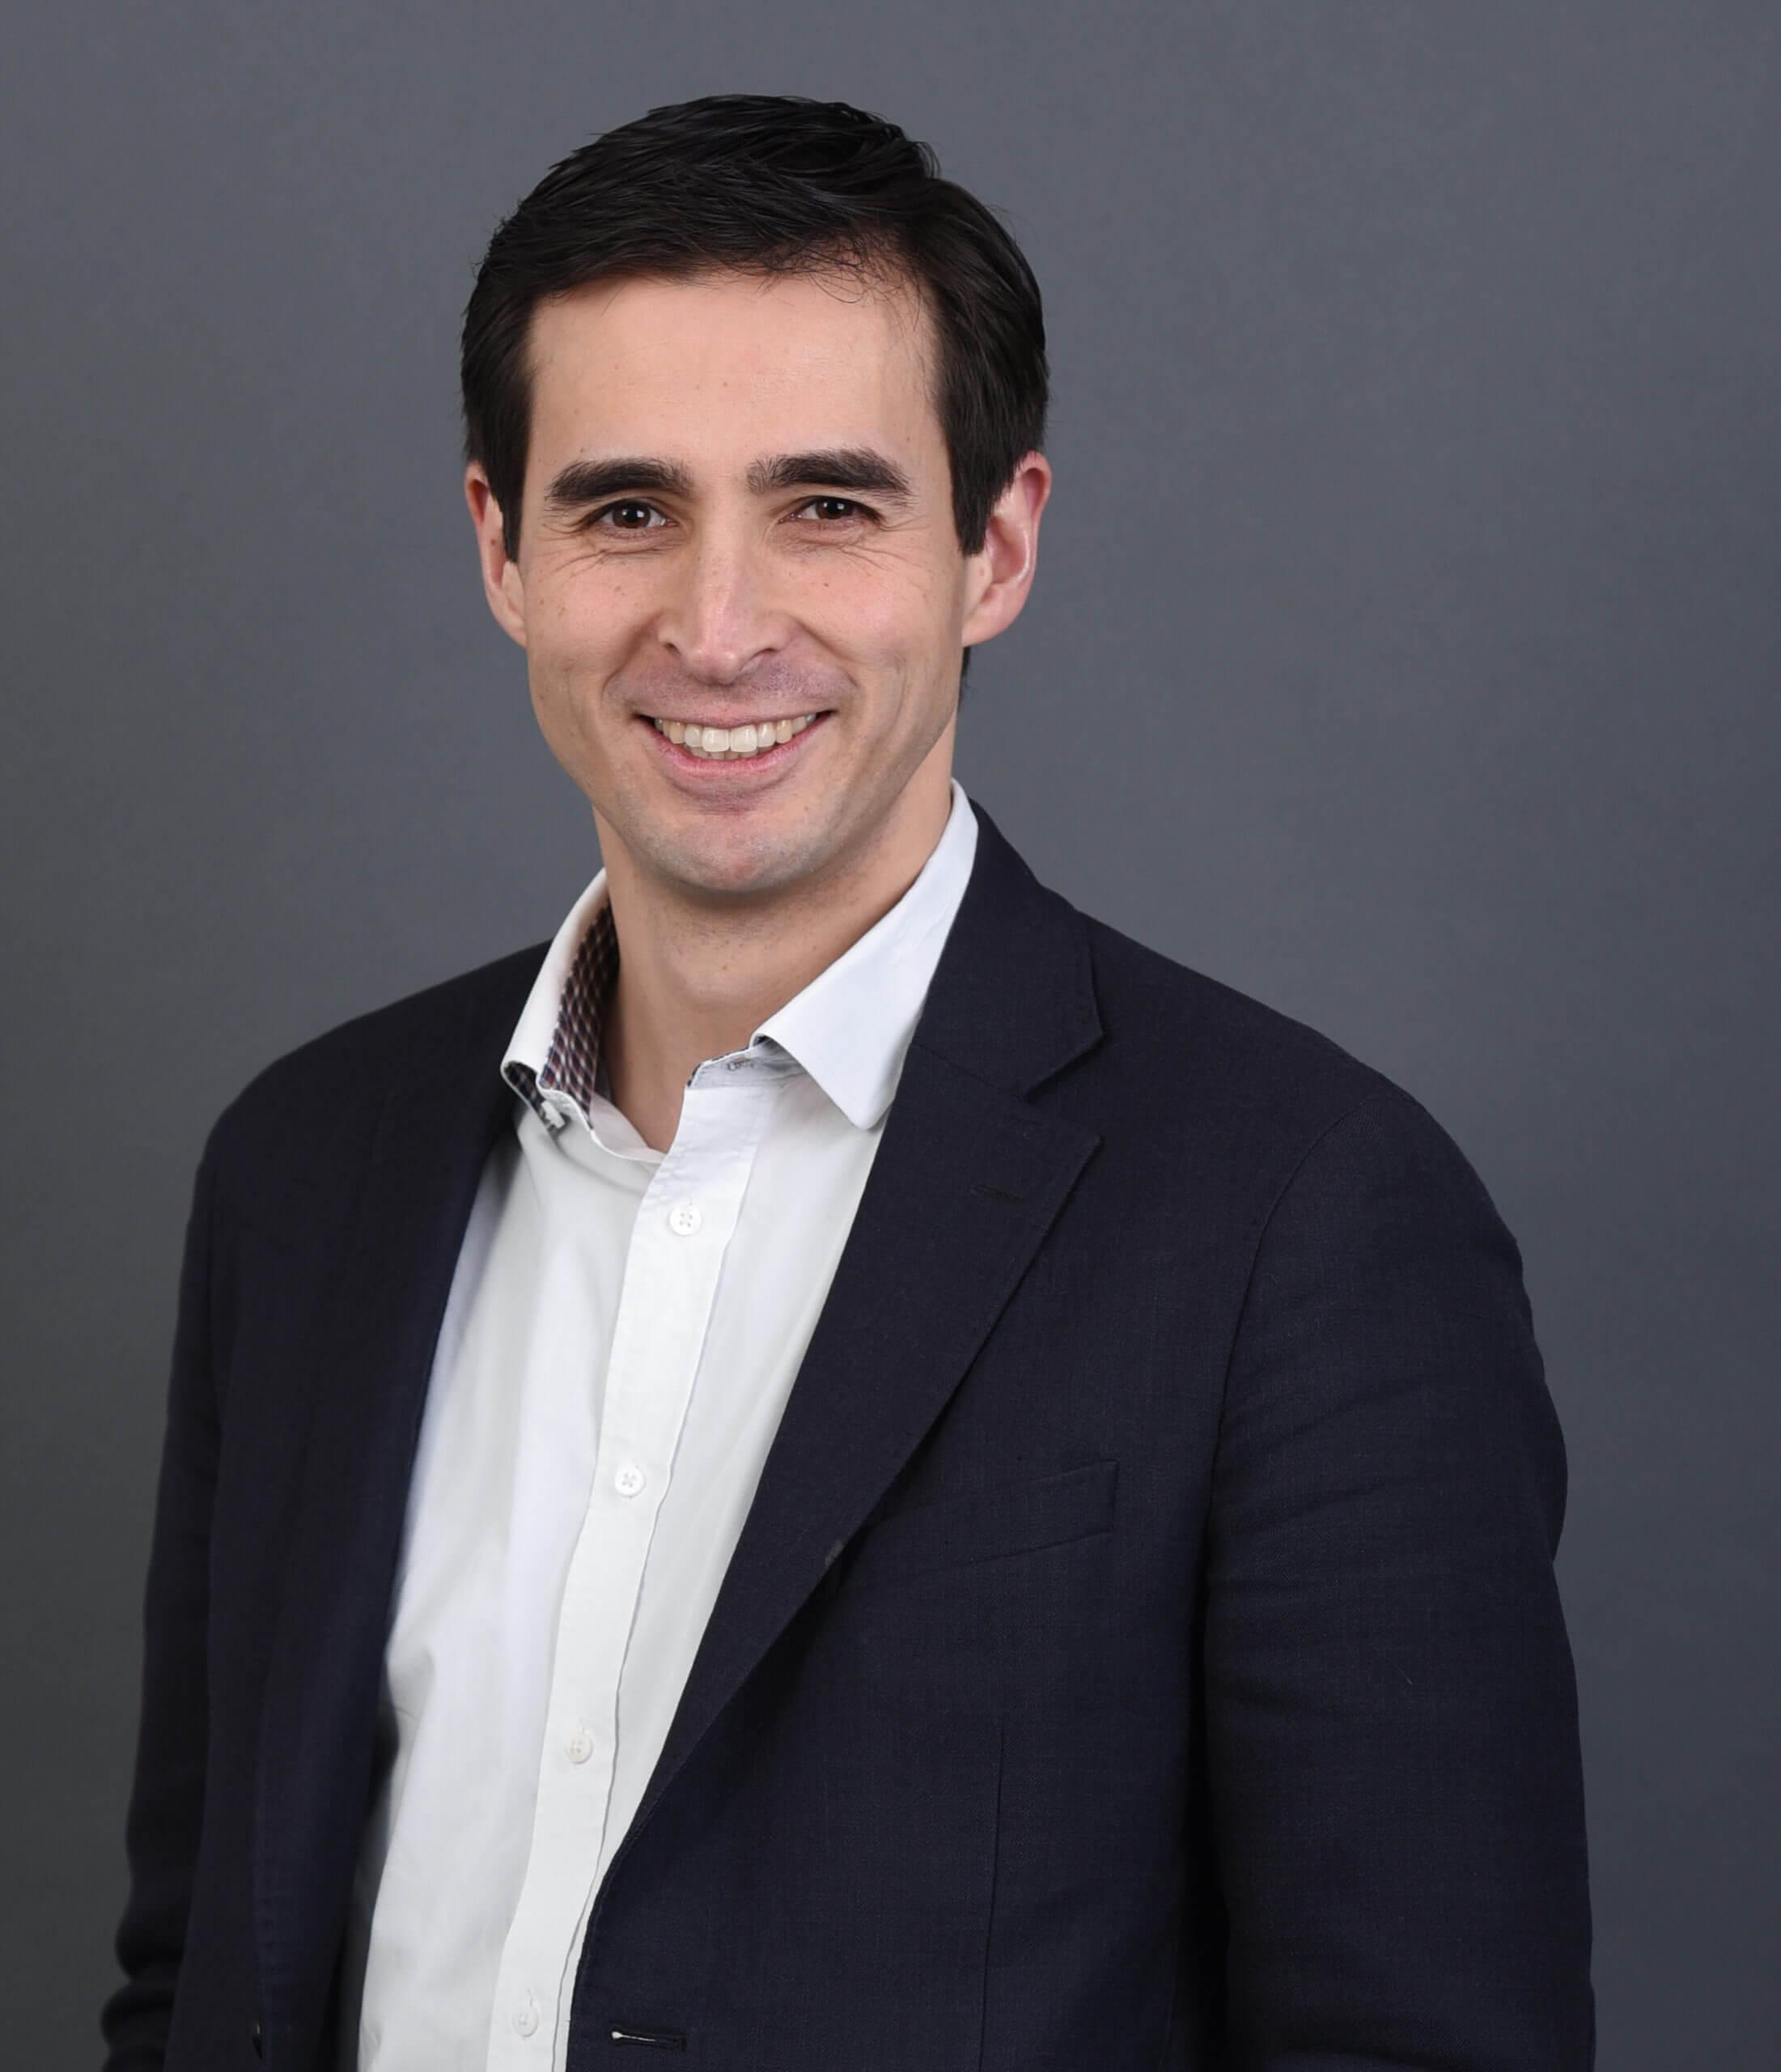 Andrew Lynn